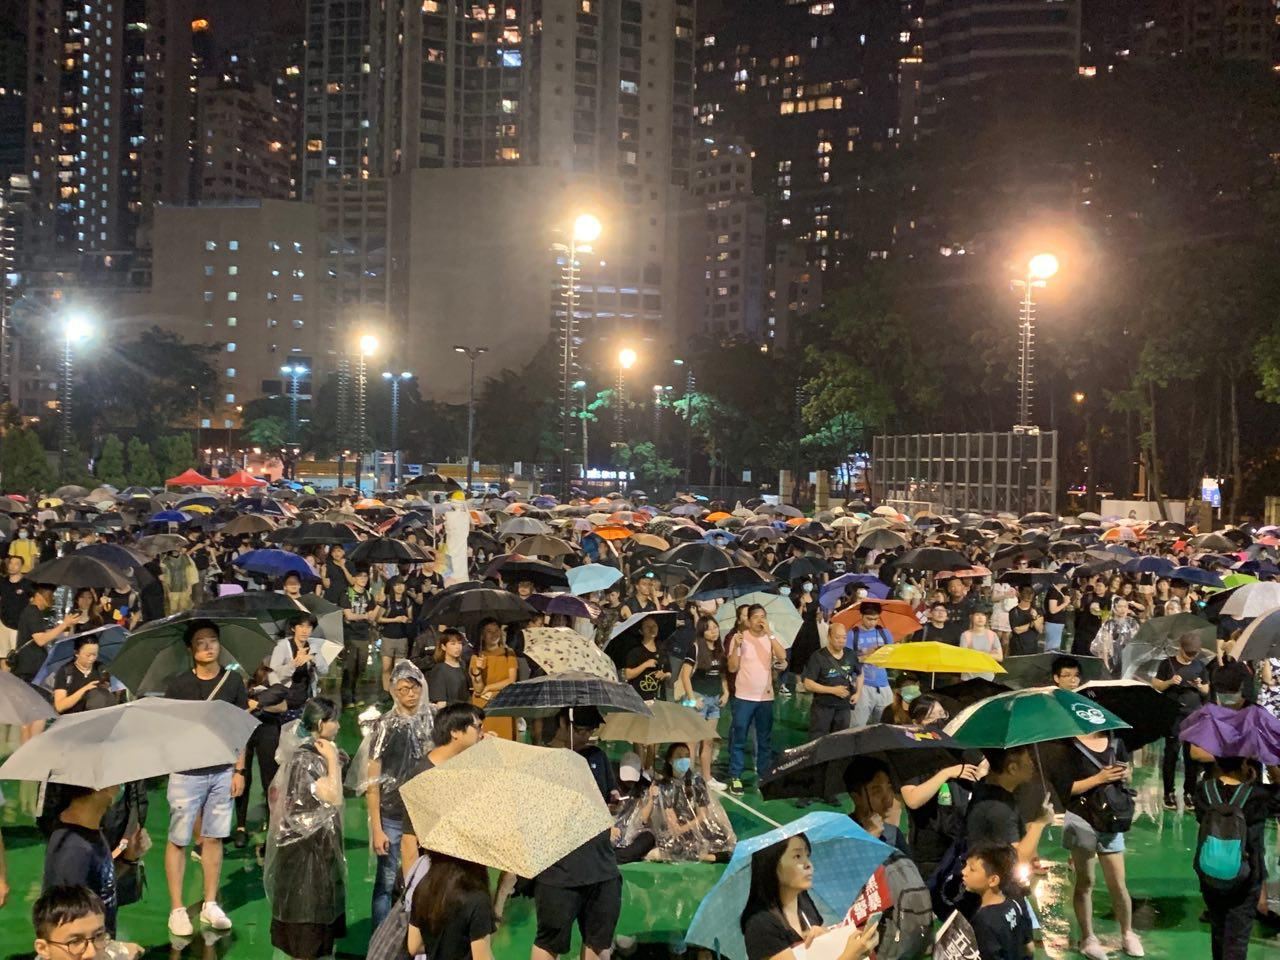 8月18日晚約9點,維園集會結束之際的現場圖。(駱亞/大紀元)